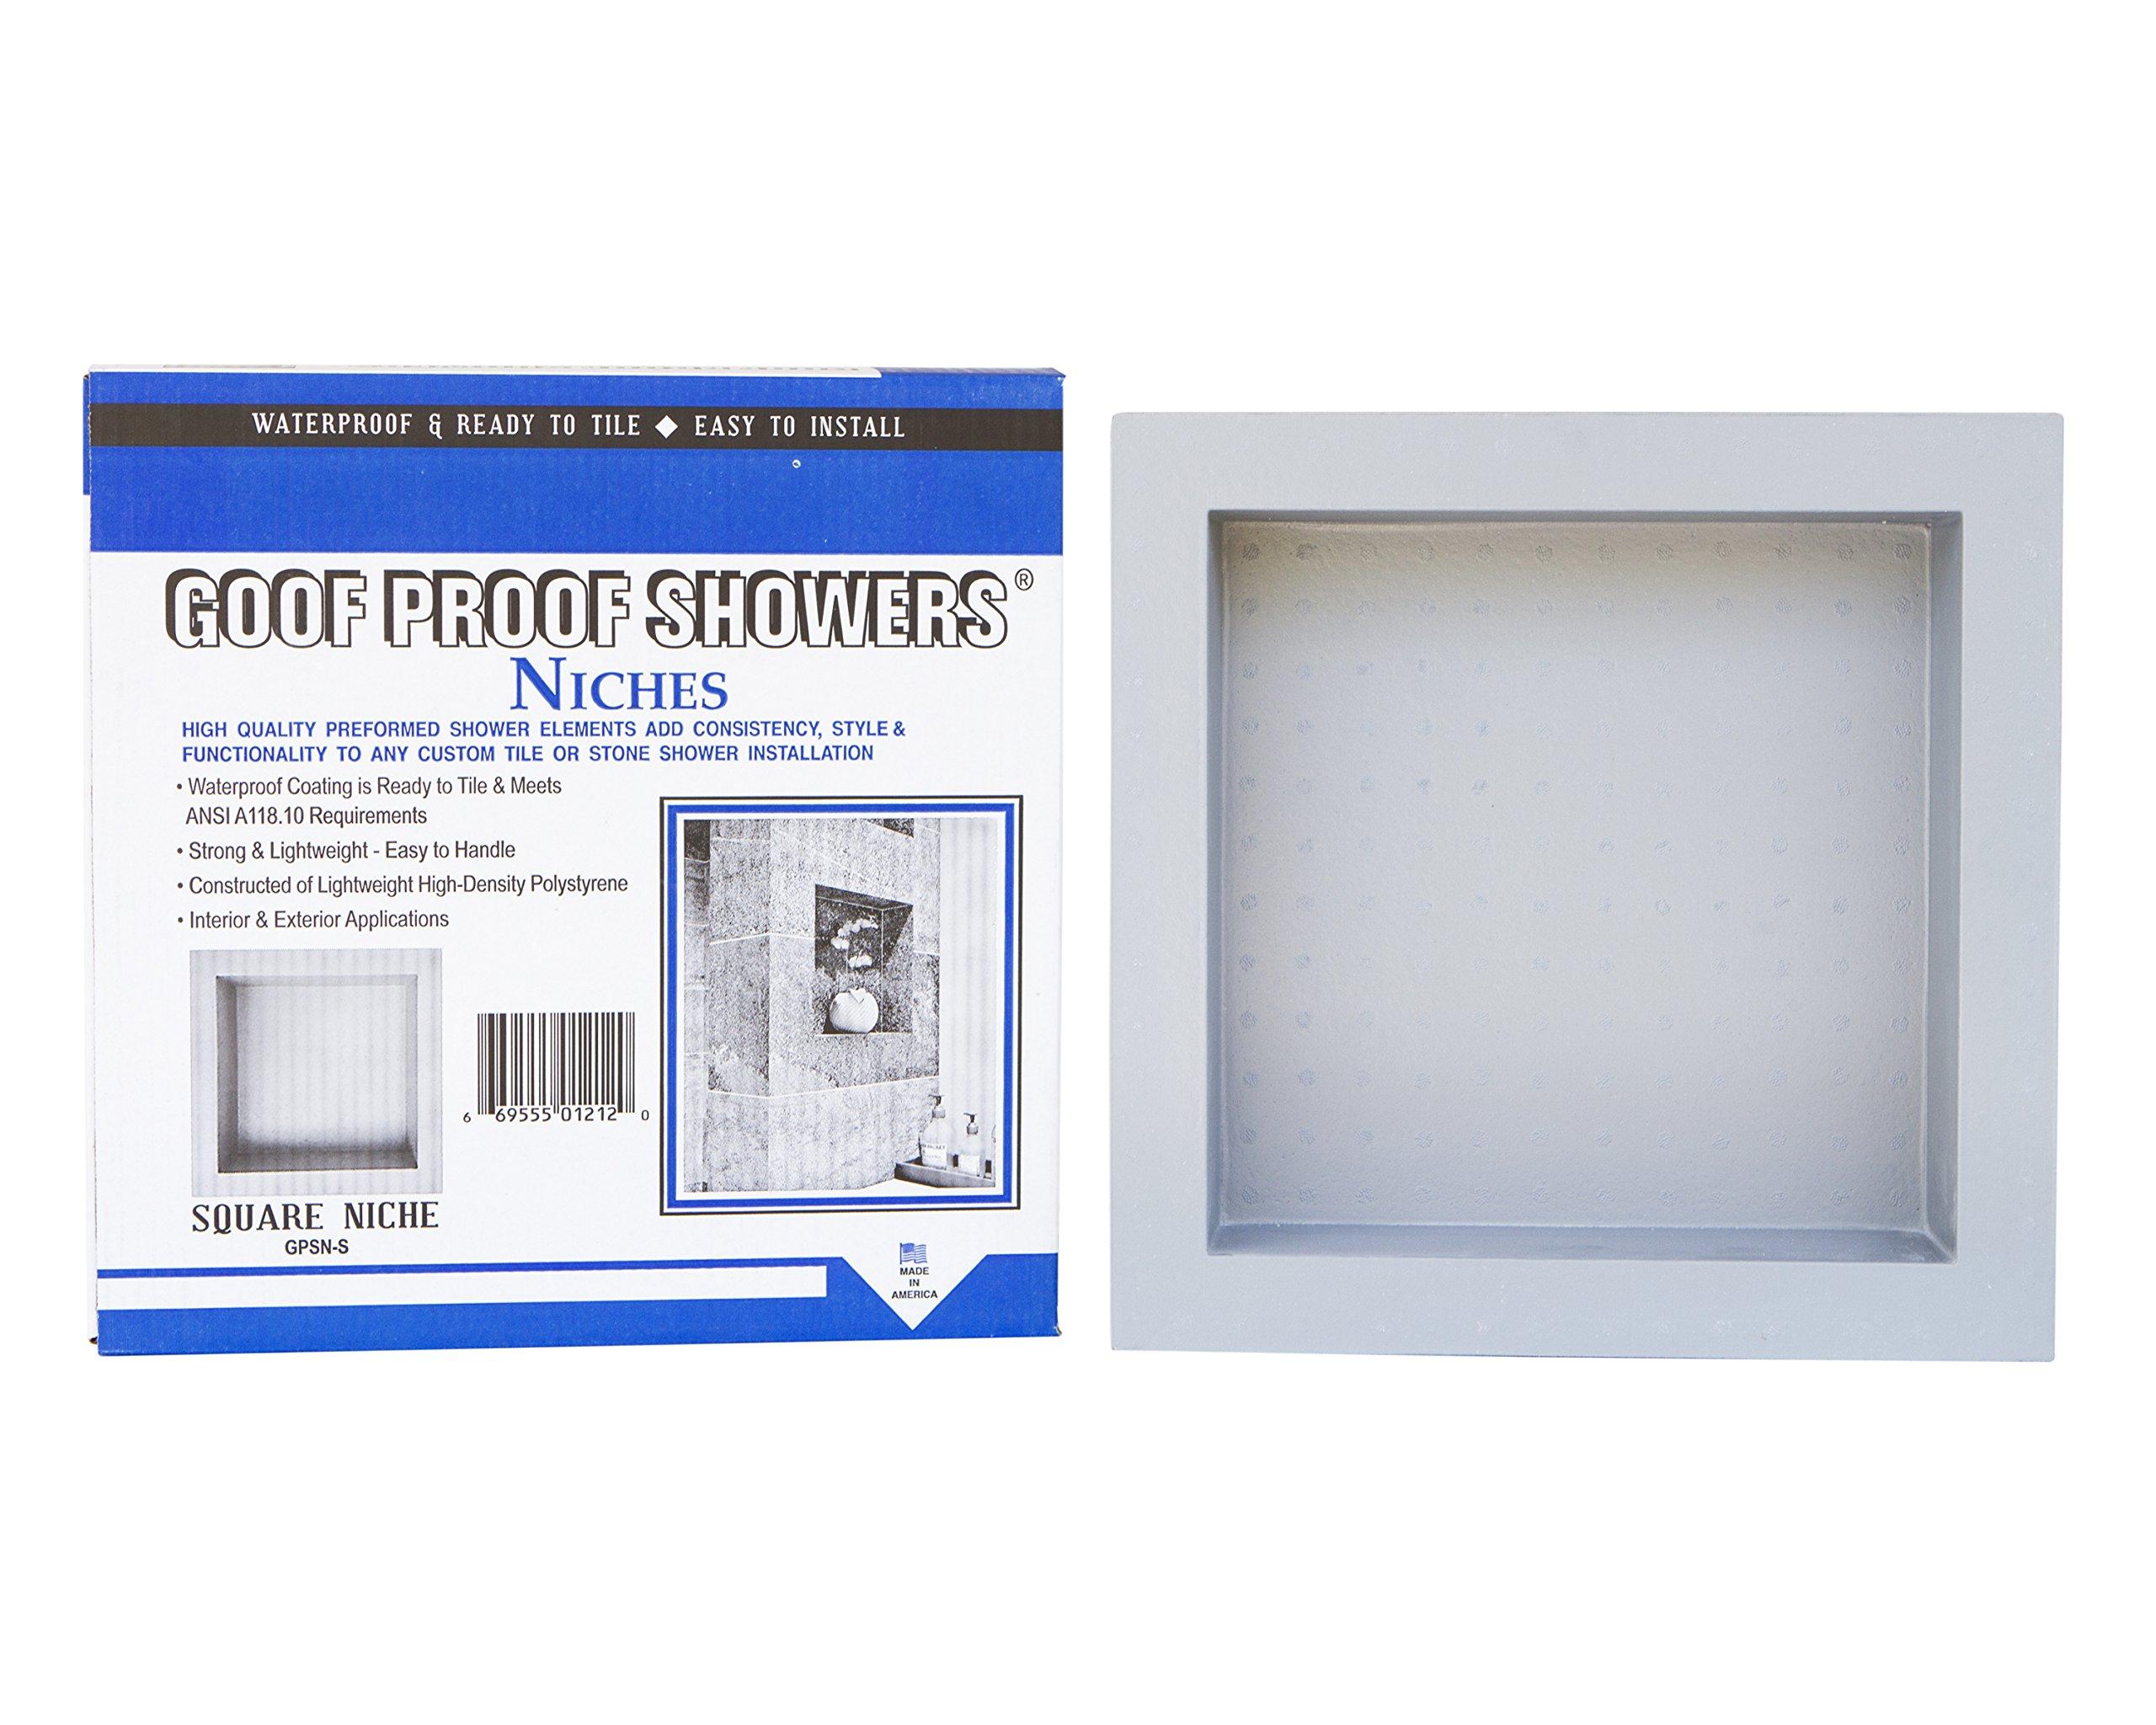 GOOF Proof Shower GPSN-S S Shower Niche, White